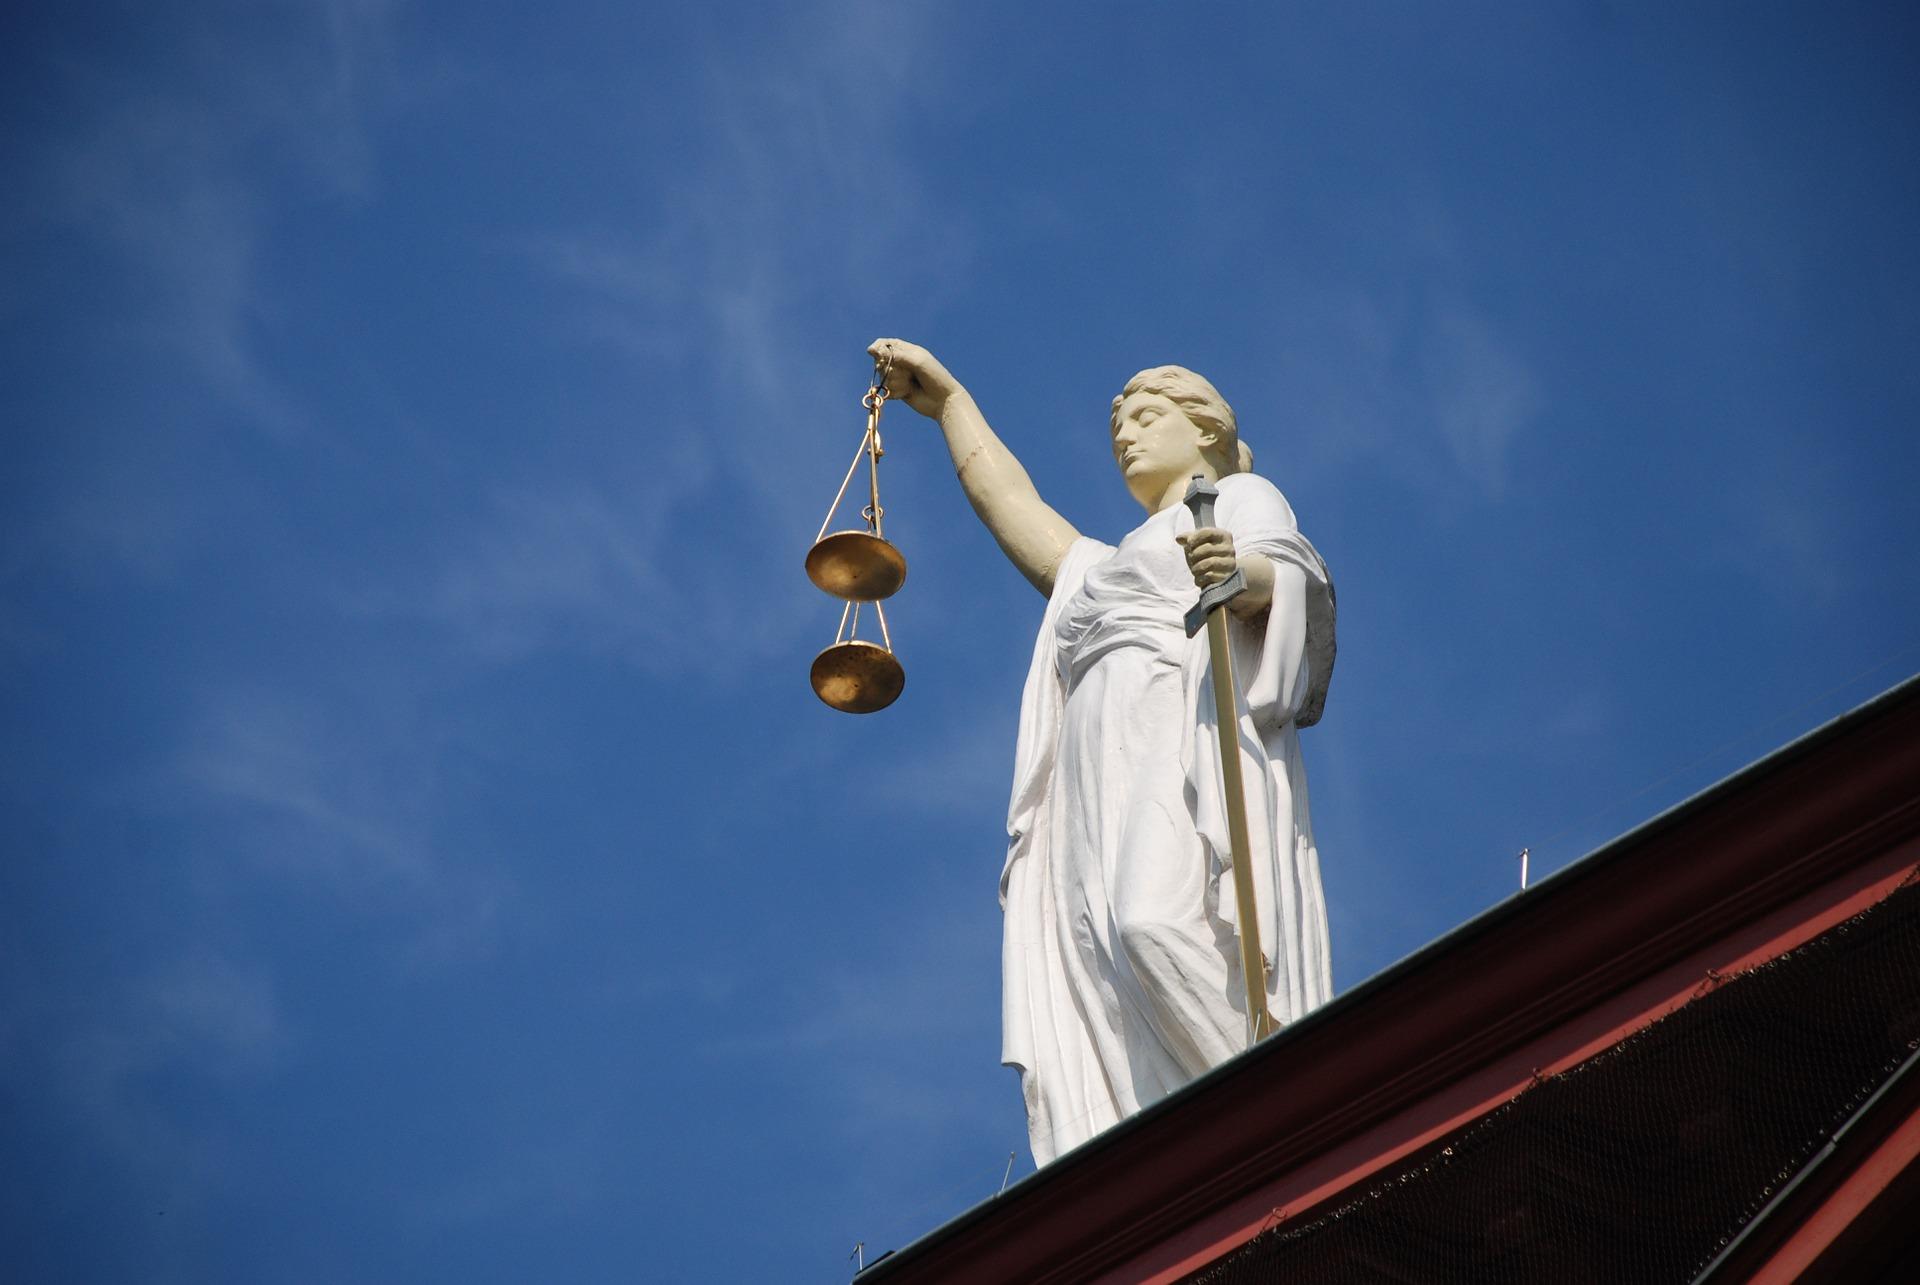 Žalobce proti Nejvyššímu soudu ČR